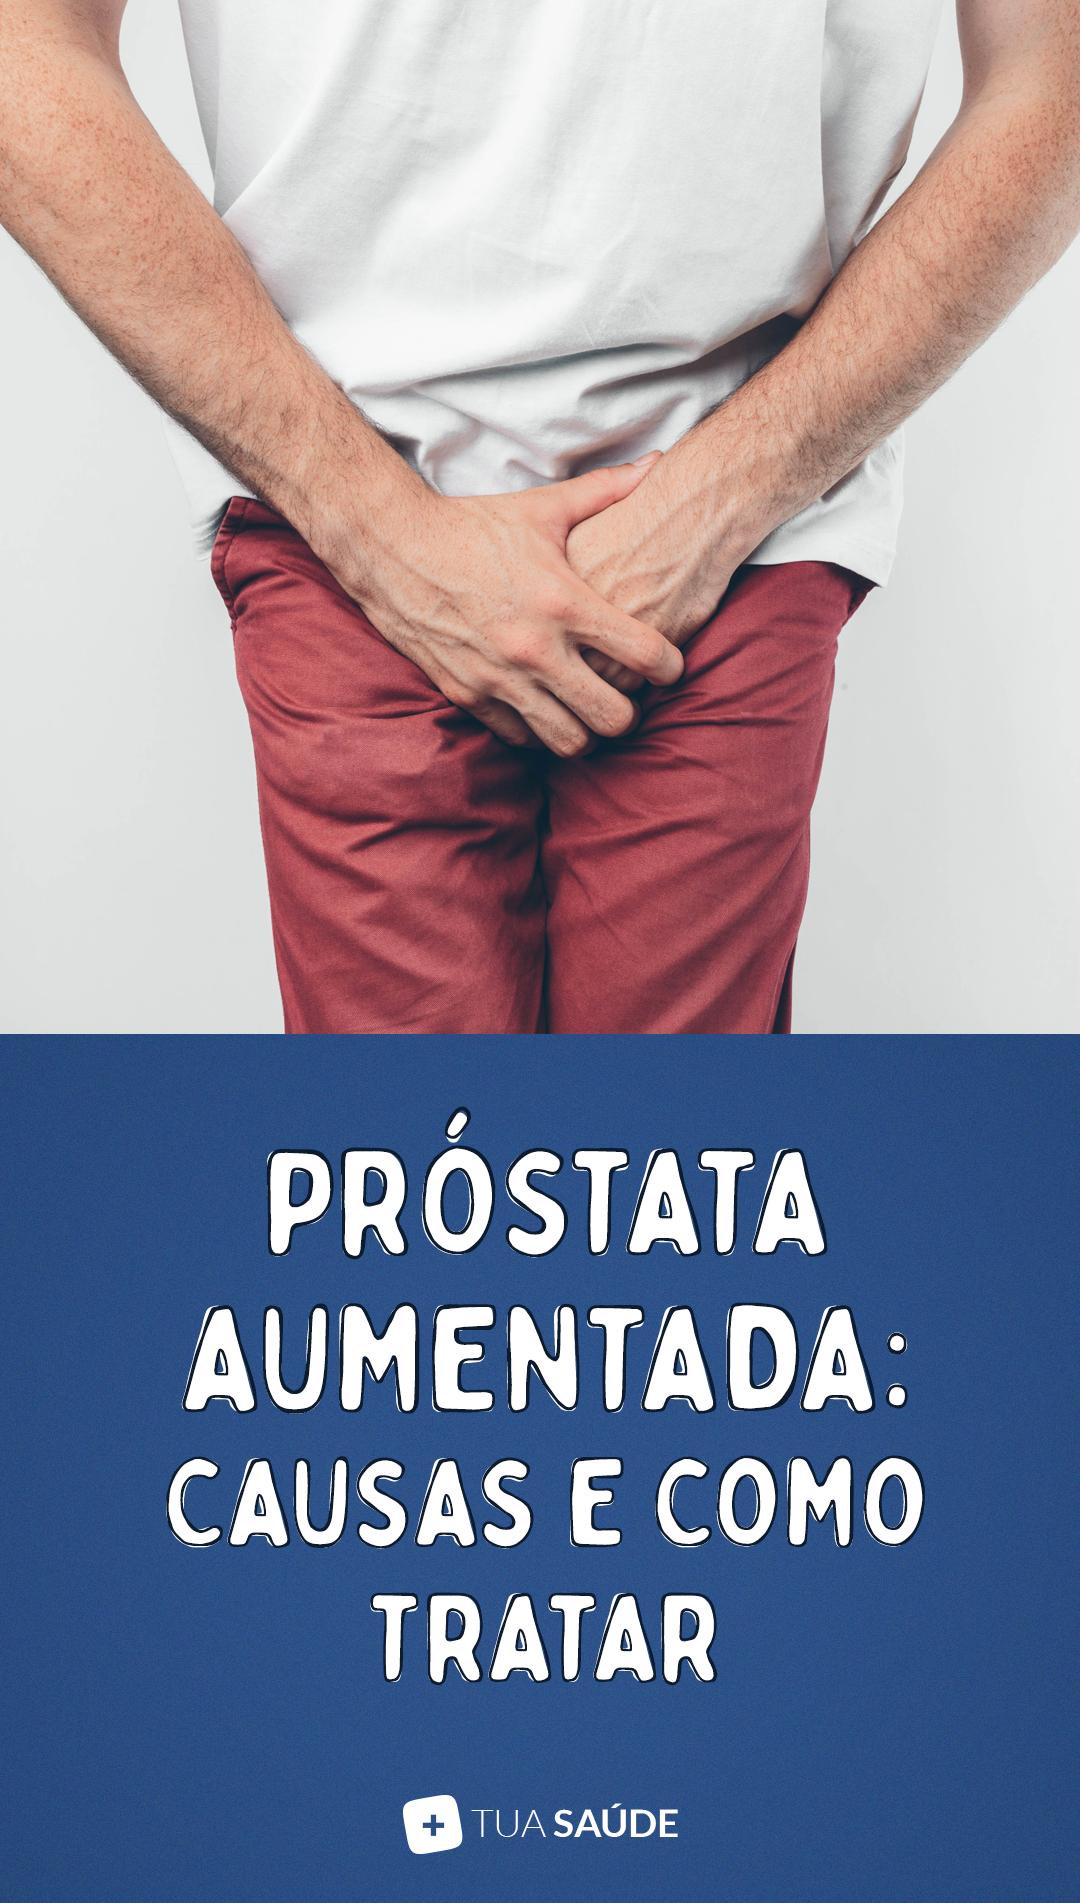 quais os sintomas de quem tem problema na próstata